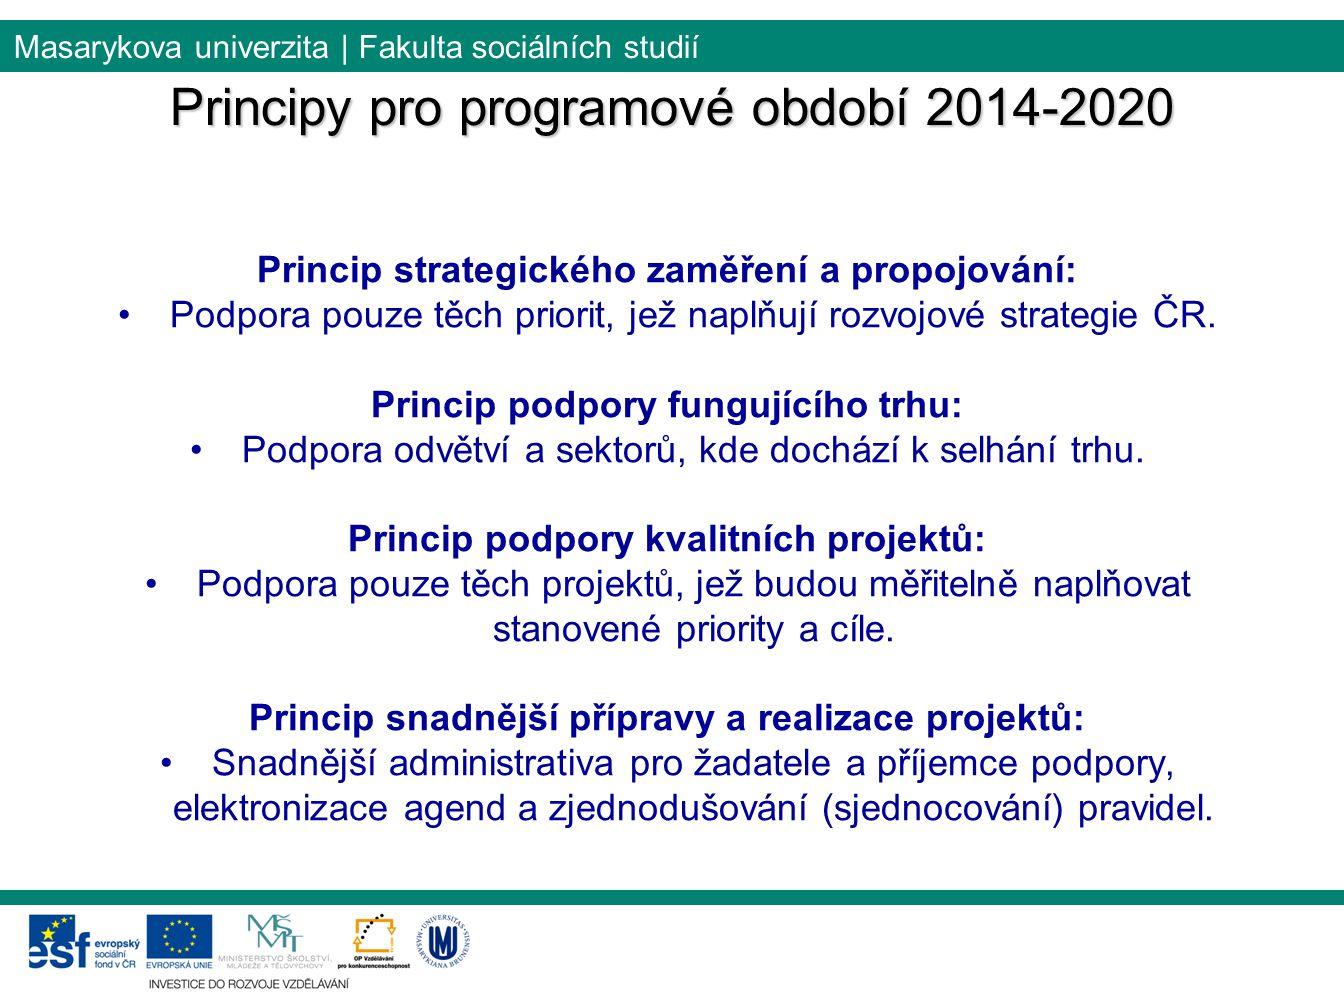 Principy pro programové období 2014-2020